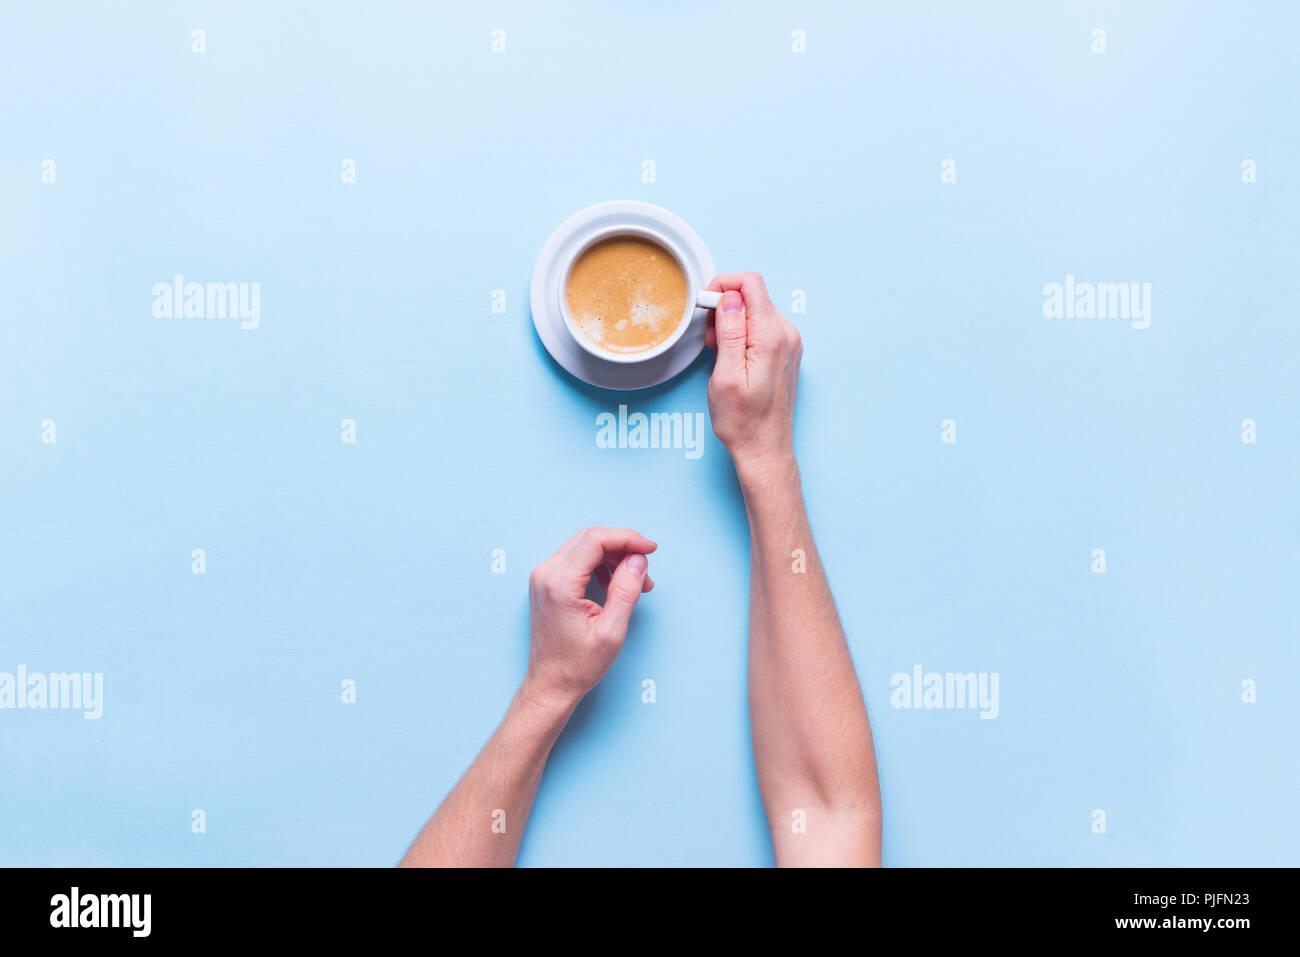 Weibliche Hände hält frische Tasse Kaffee Farbe blau Hintergrund der Ansicht von oben Flach ungesunde Nahrung ein Objekt Stockbild